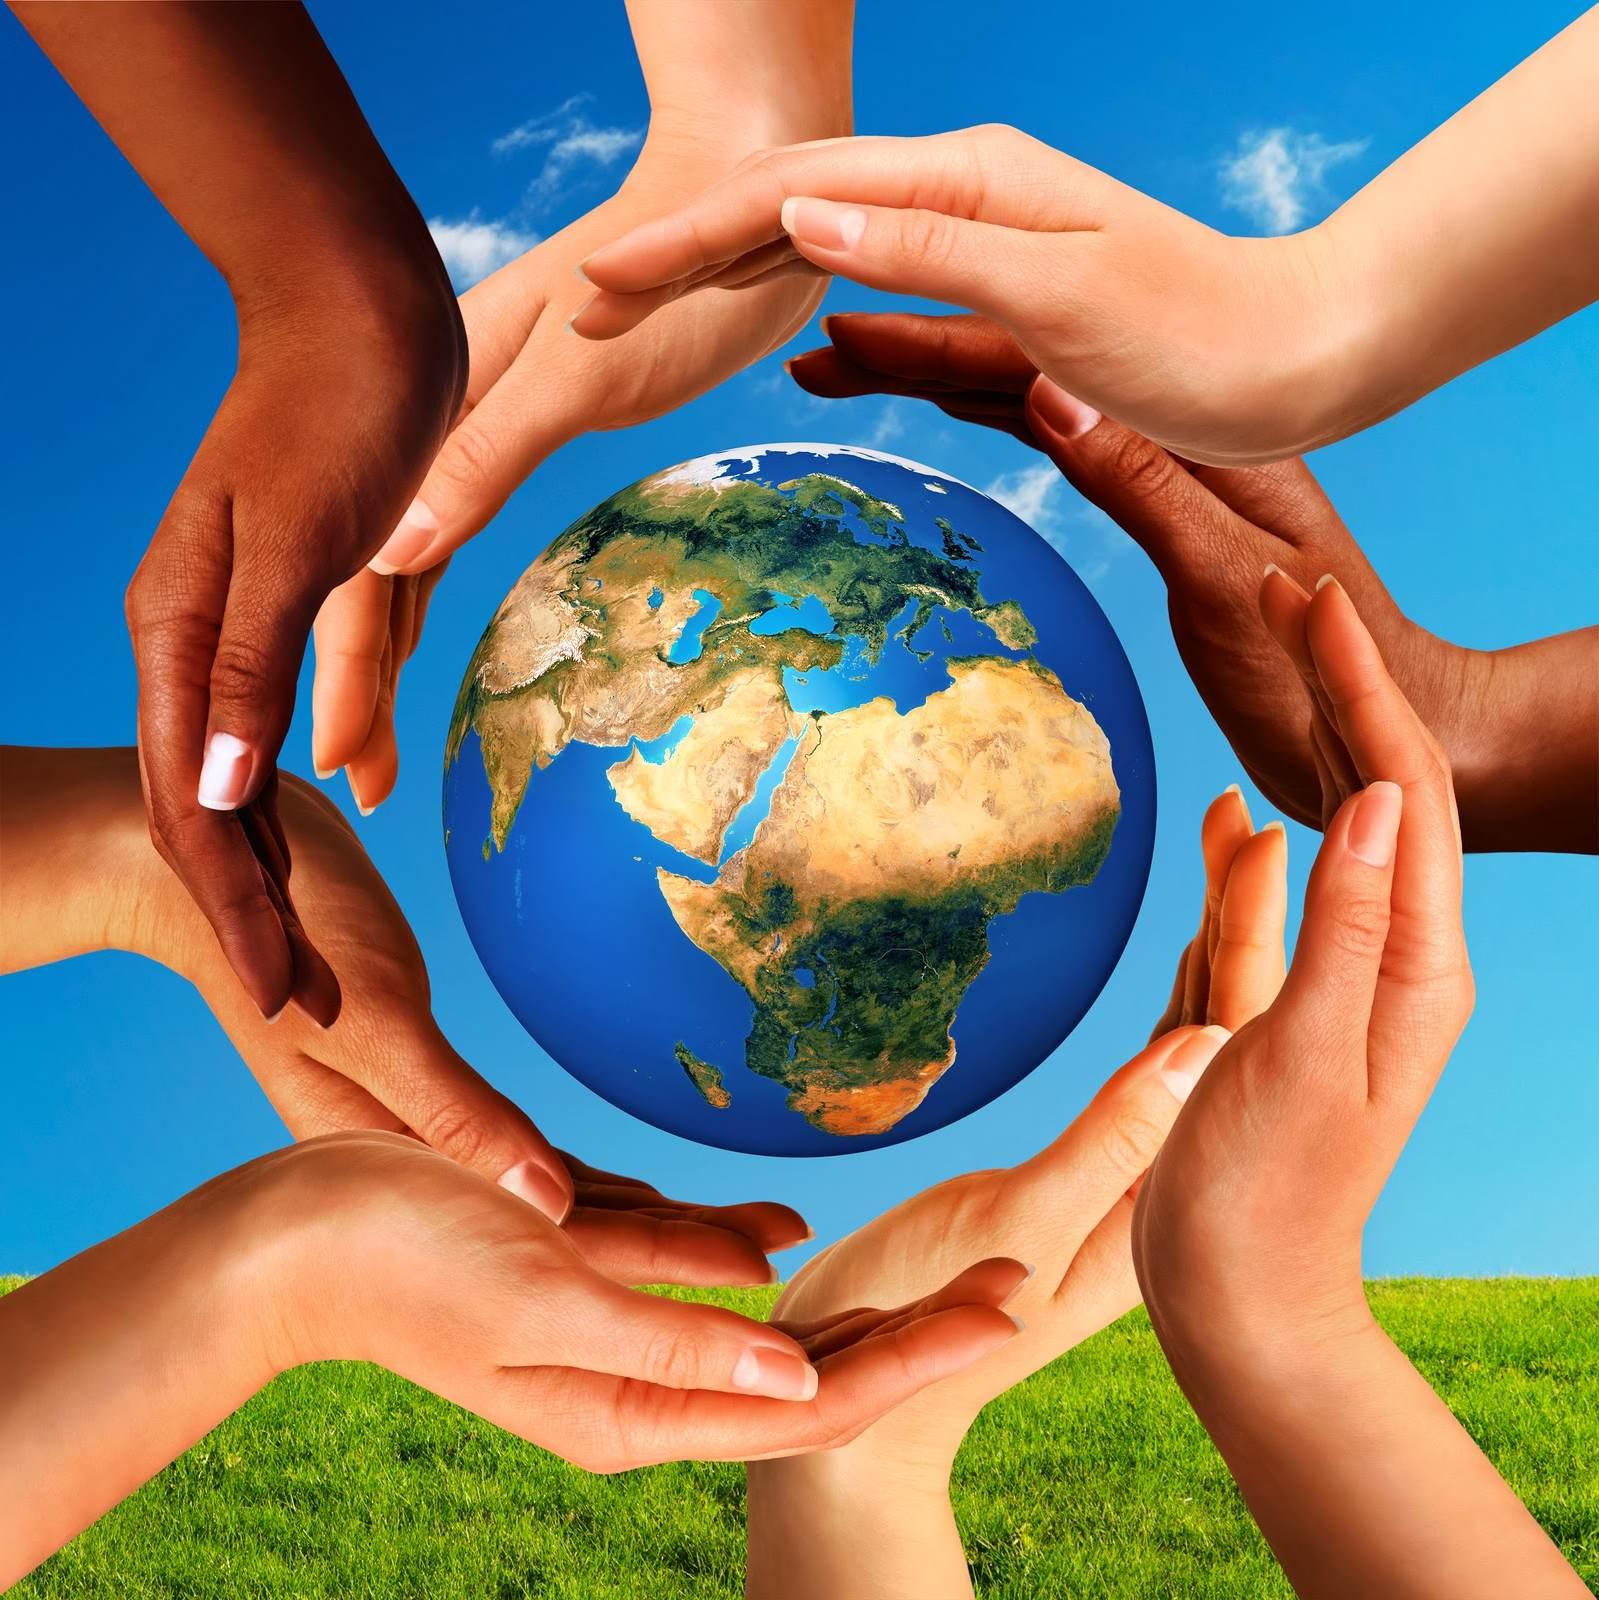 счастливая планета. программа социальной ассенизации socass. как создать добрый и отзывчивый мир